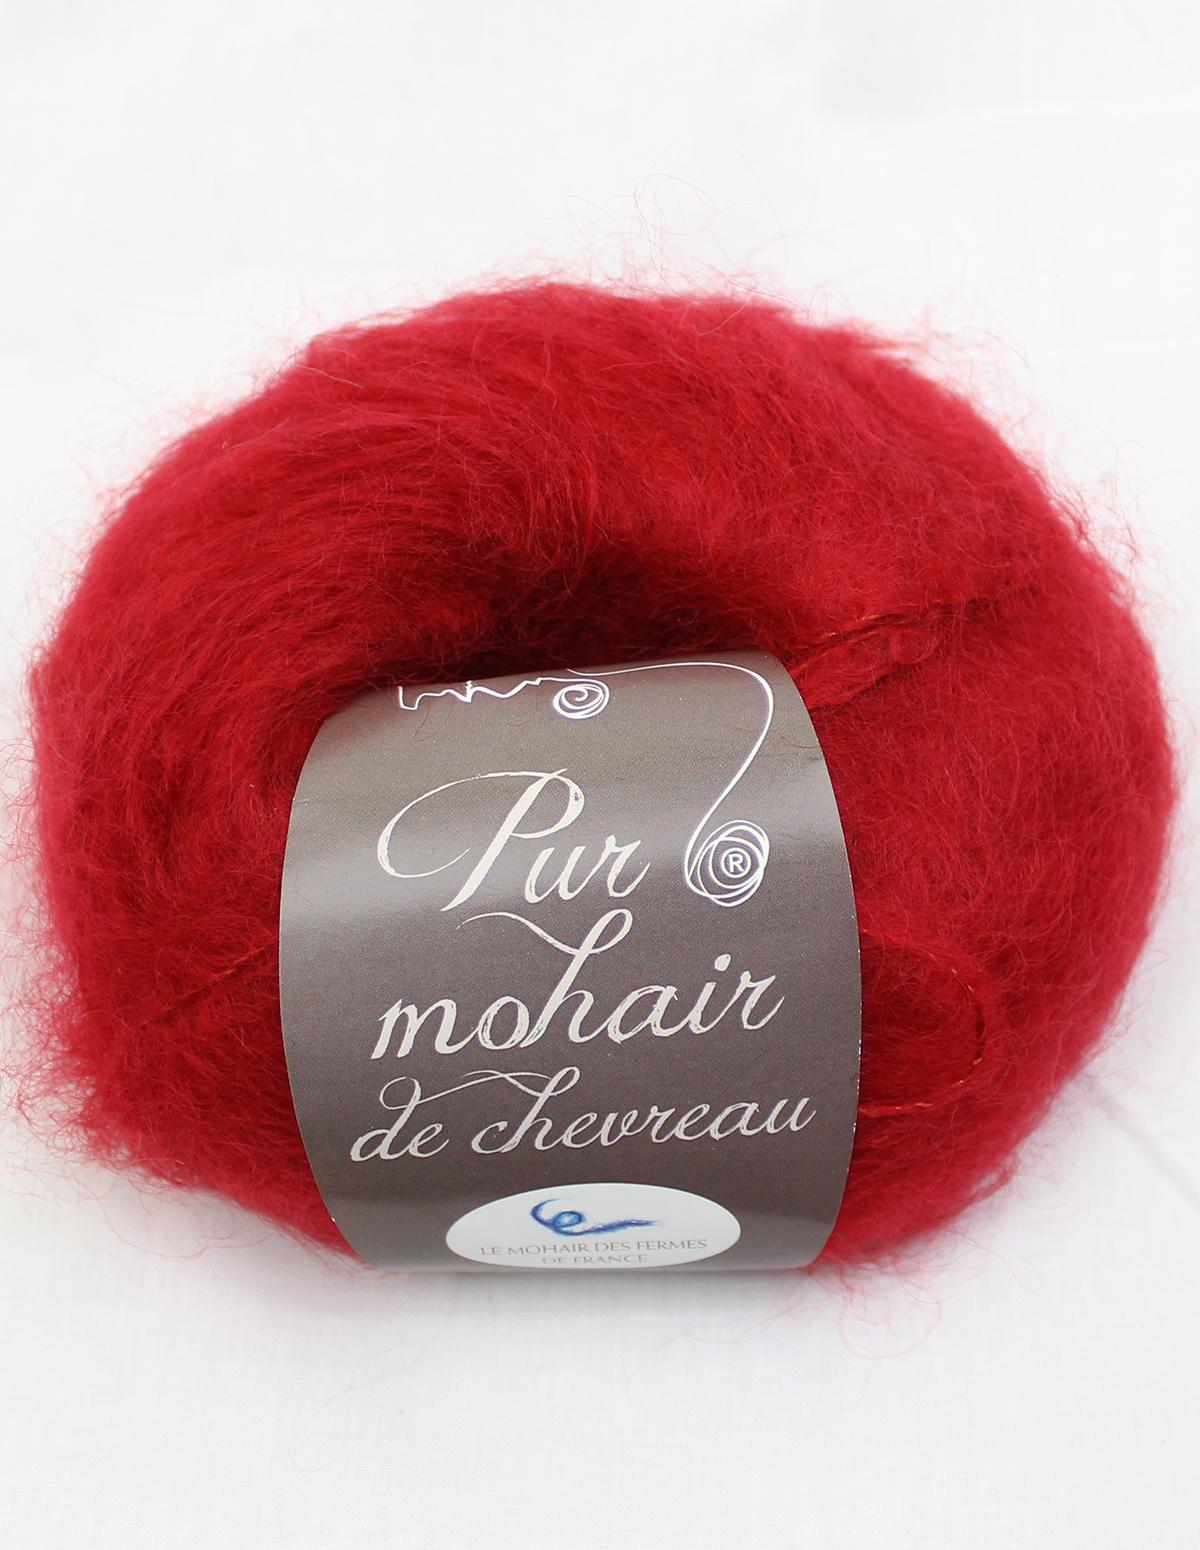 Pelote-Pur-Mohair-RUBIS-1-Une-Ferme-a-la-Bassette